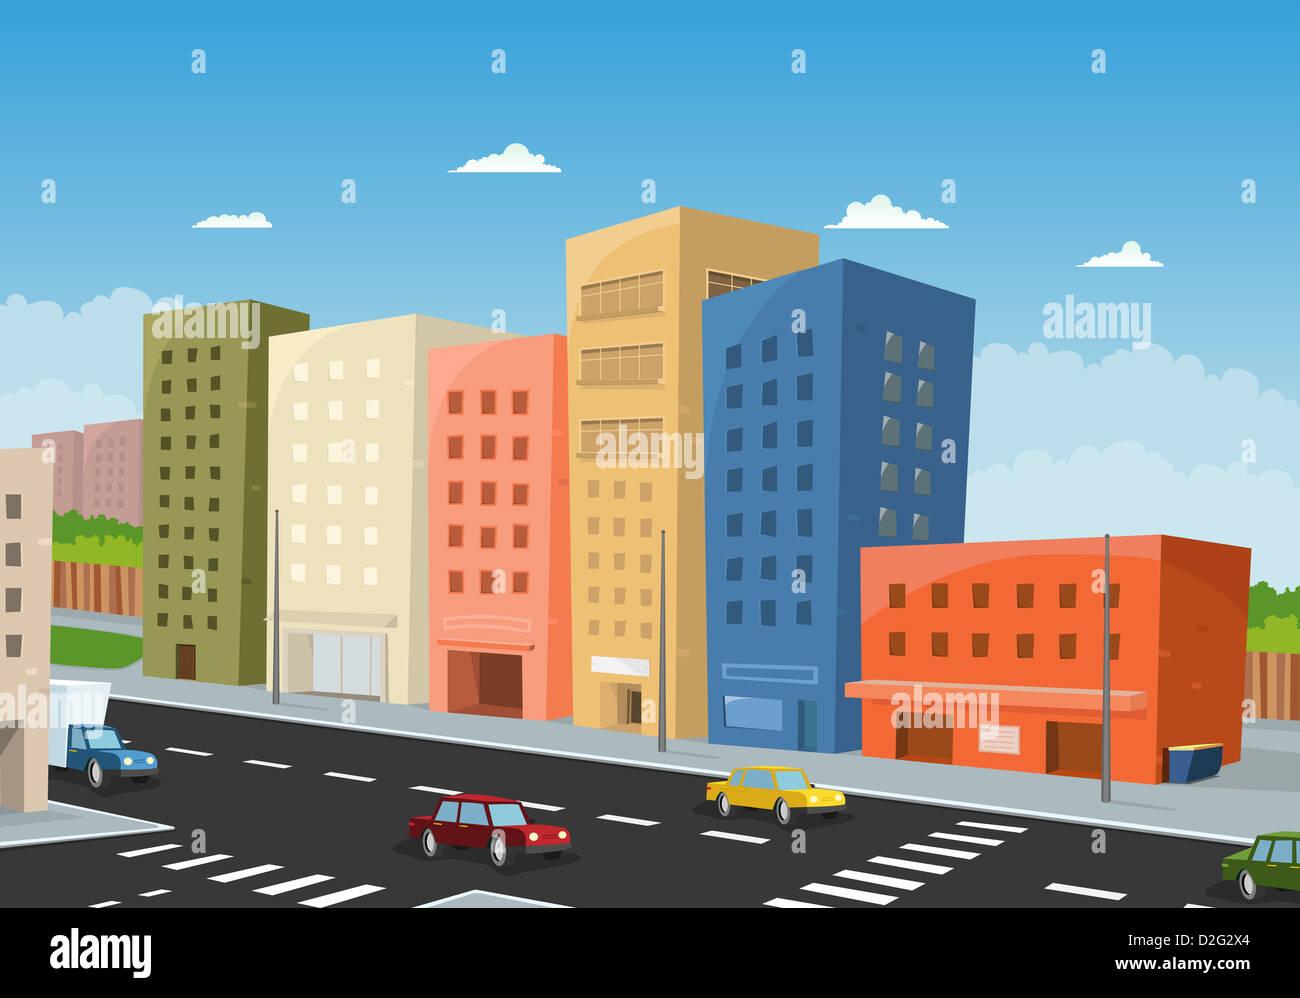 Imagenes De Edificios En Caricatura: Illustration Of A Cartoon City Downtown, With Office